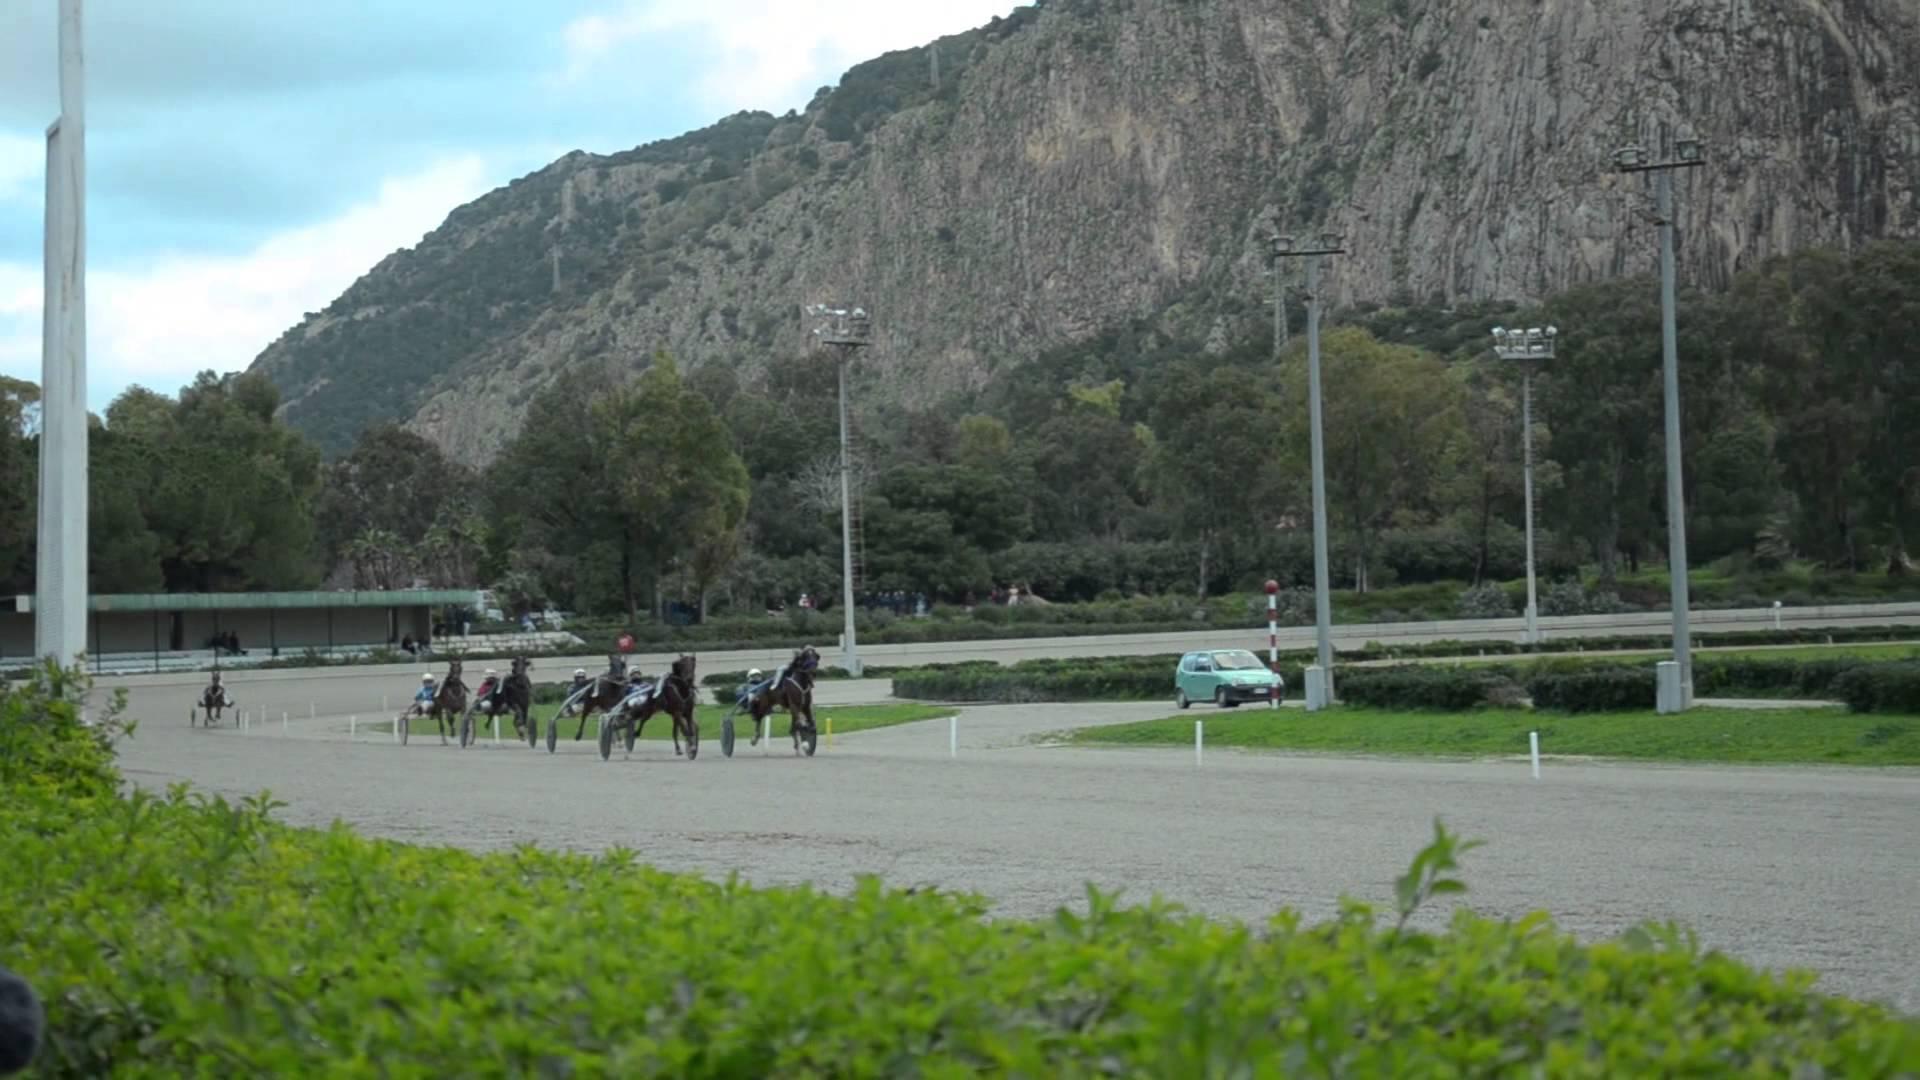 L'ippodromo di Palermo sospende le corse per timore di infiltrazioni mafiose